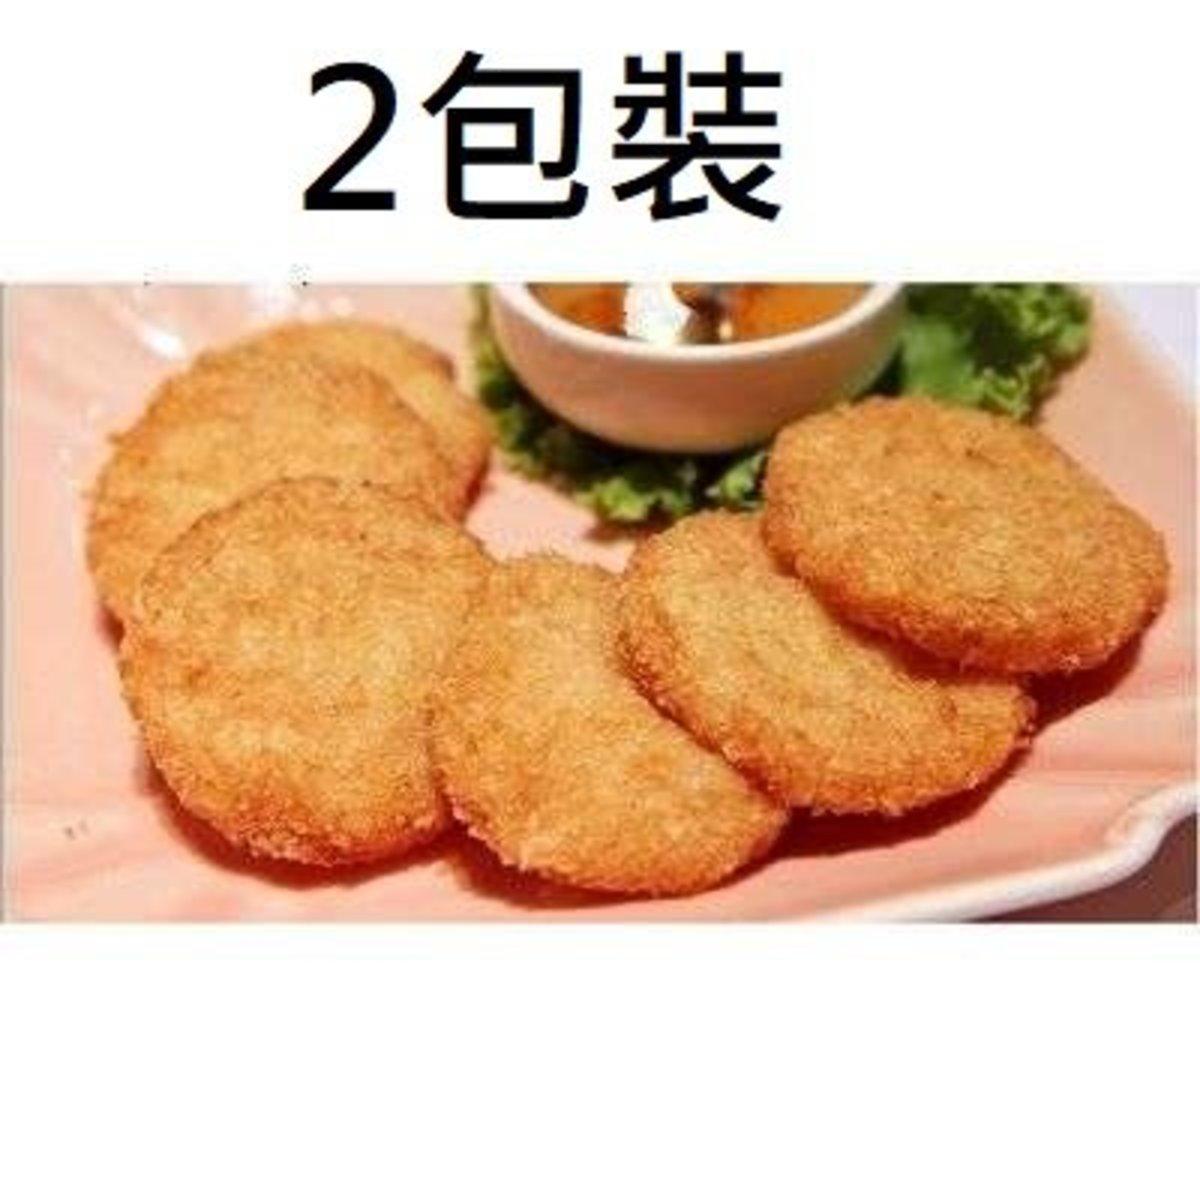 泰式蝦餅 (16塊)(2包裝)